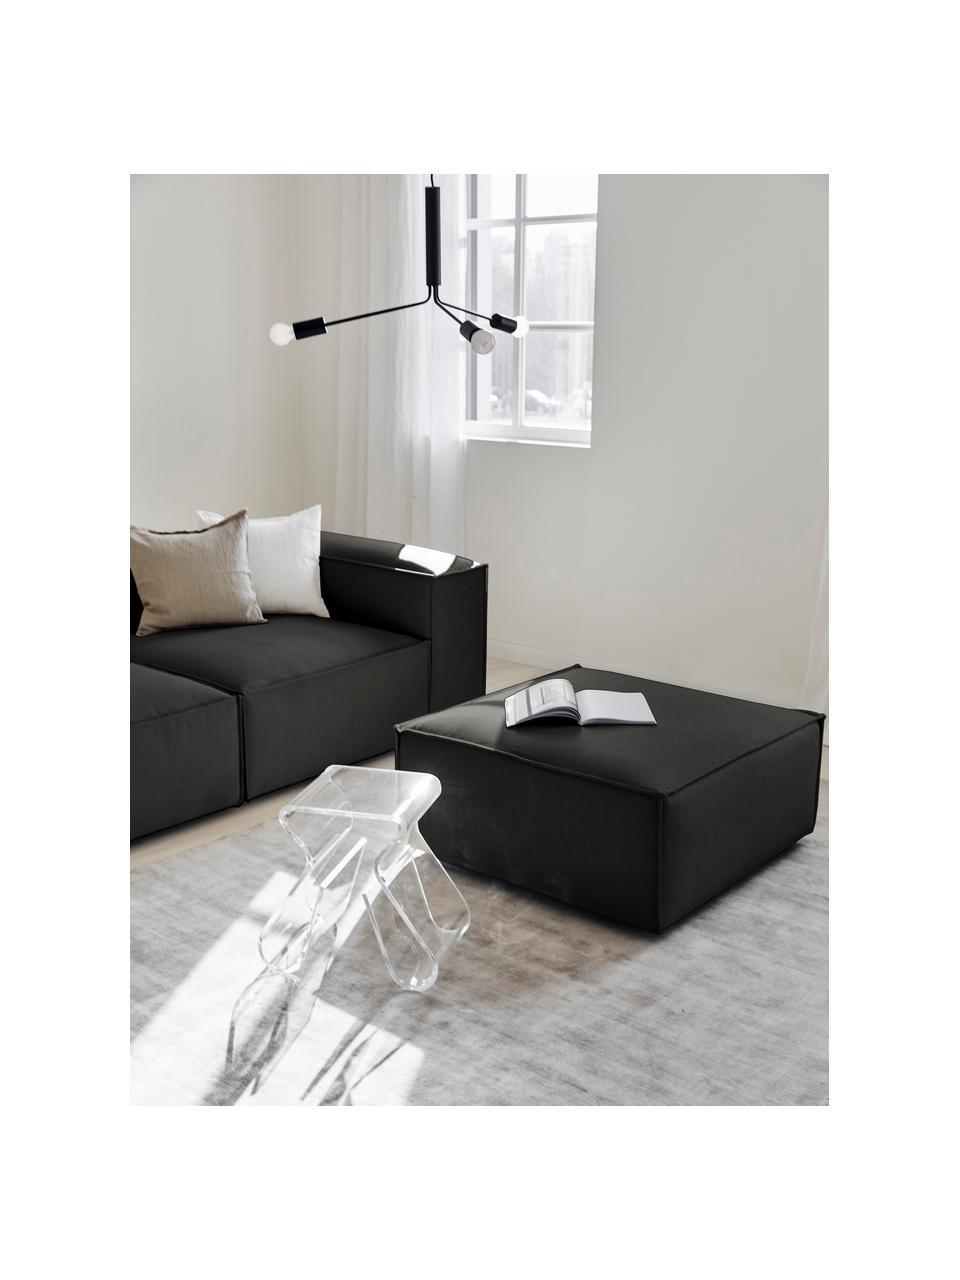 Sofa-Hocker Lennon in Anthrazit, Bezug: Polyester Der hochwertige, Gestell: Massives Kiefernholz, Spe, Füße: Kunststoff Die Füße befin, Webstoff Anthrazit, 88 x 43 cm